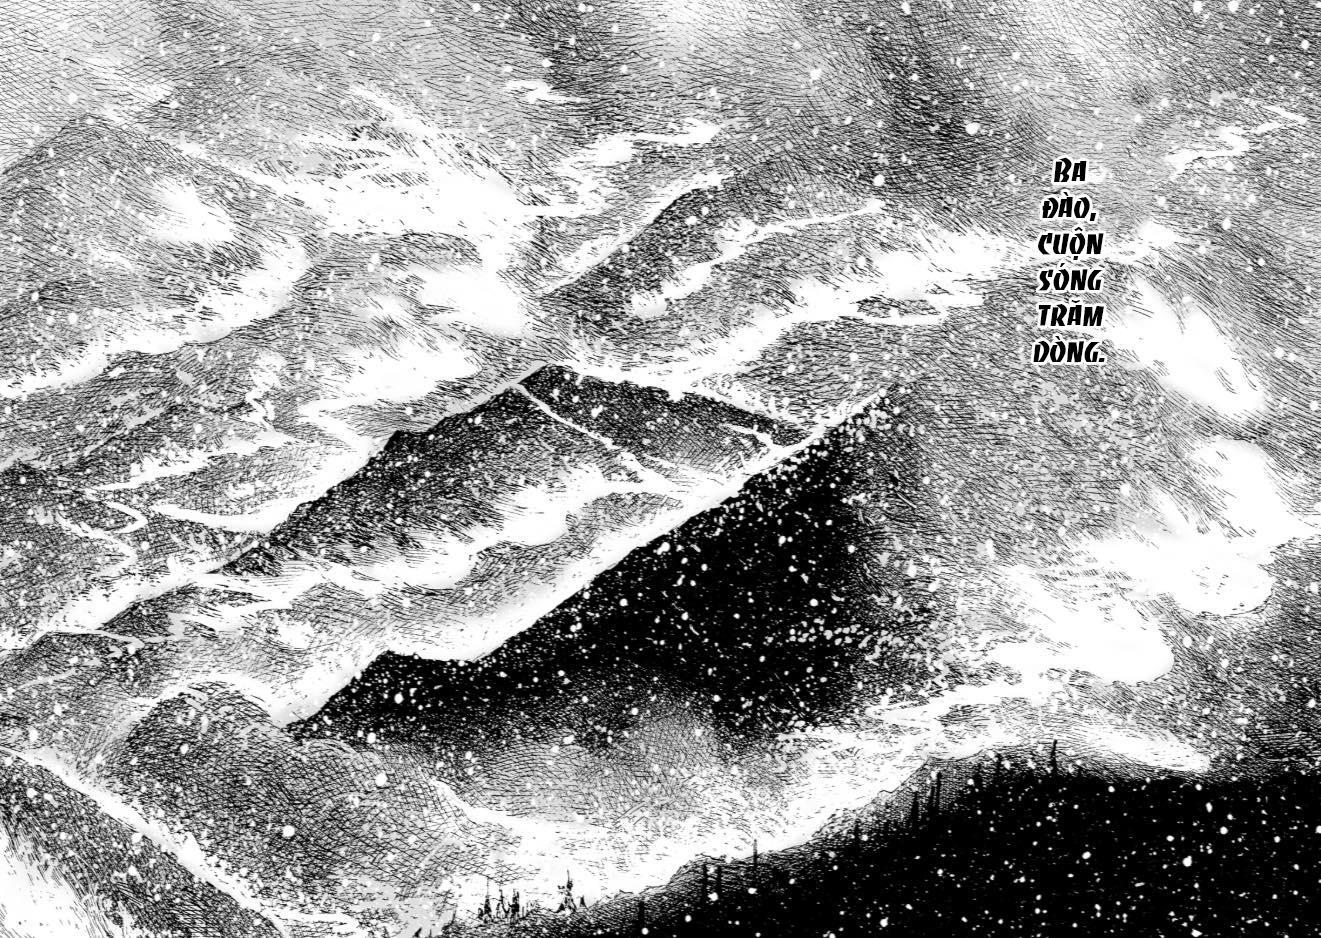 Hỏa phụng liêu nguyên Chương 523: Thị ngư phi ngư trang 4